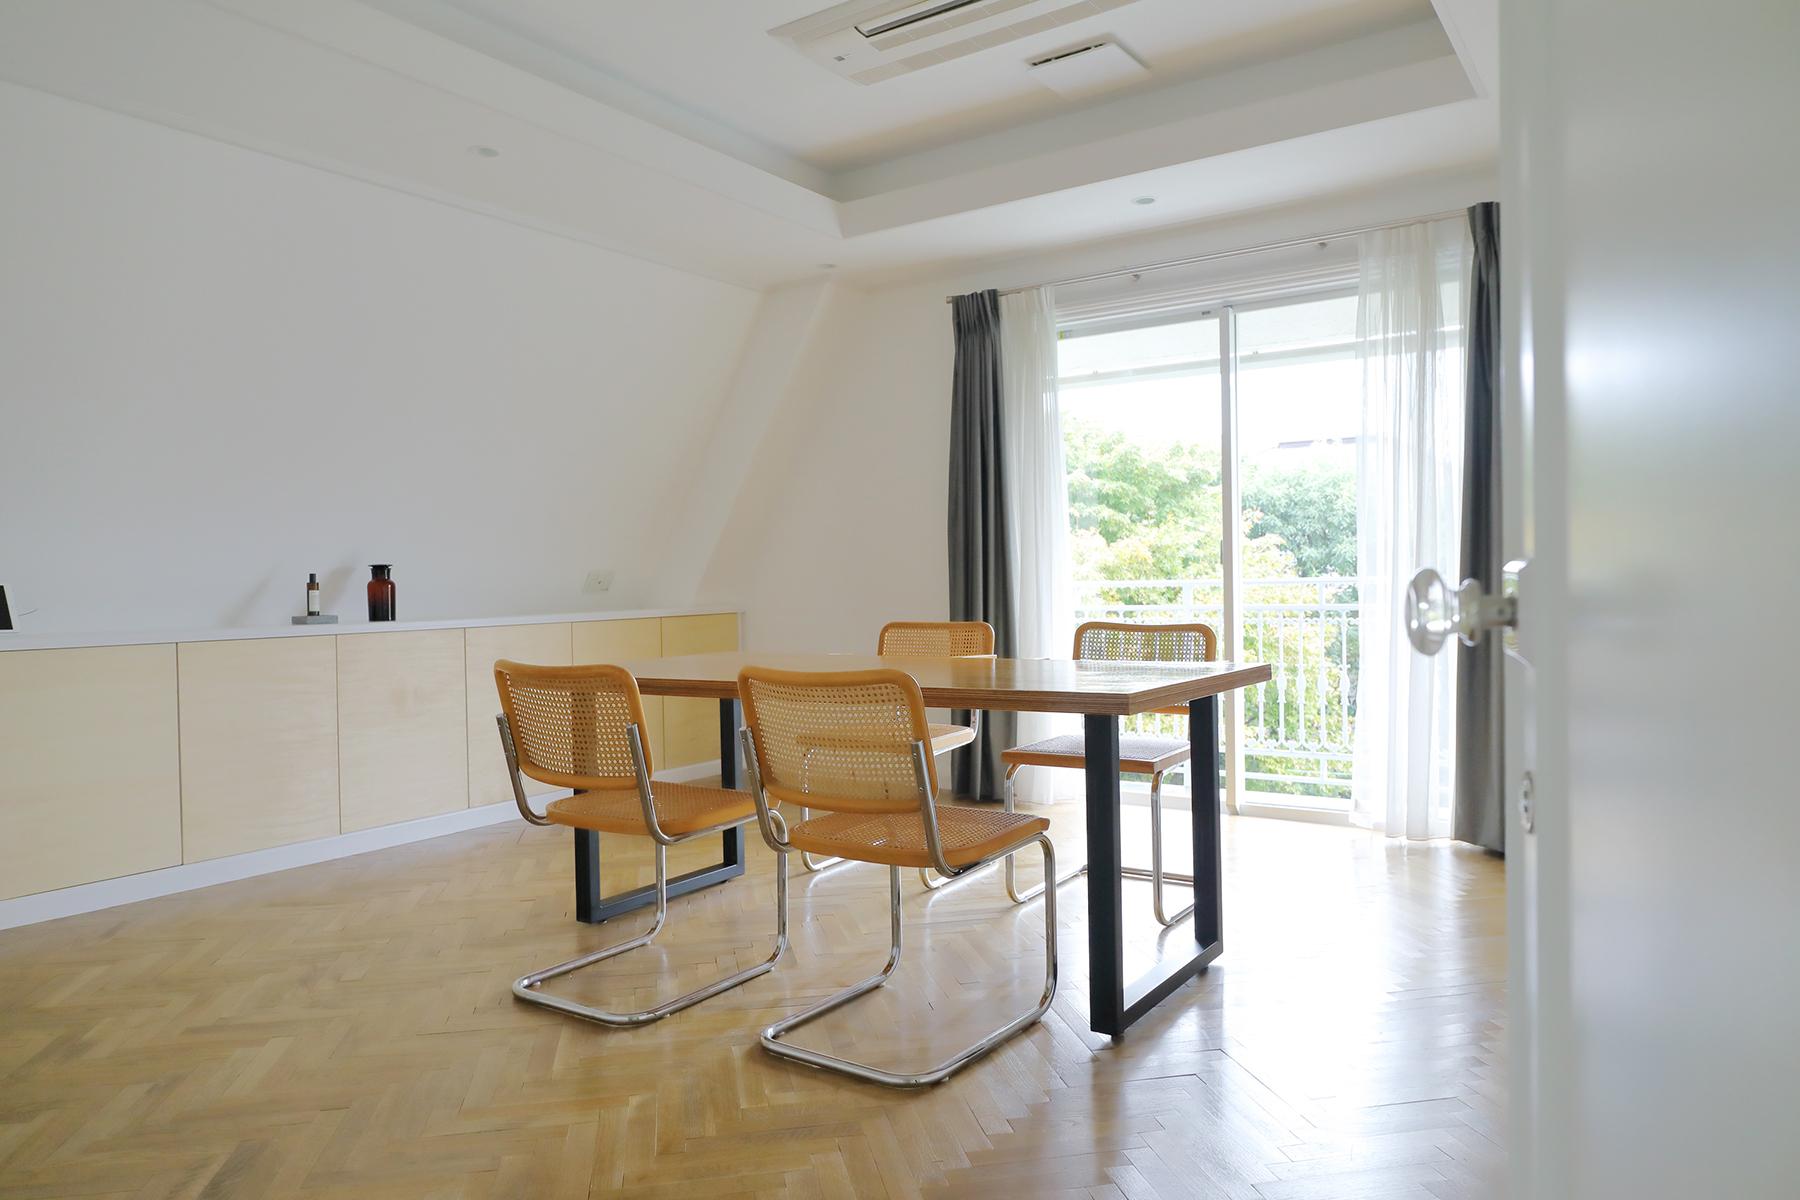 SHILO STUDIO MEGURO (シロスタジオ メグロ)2F バスルーム